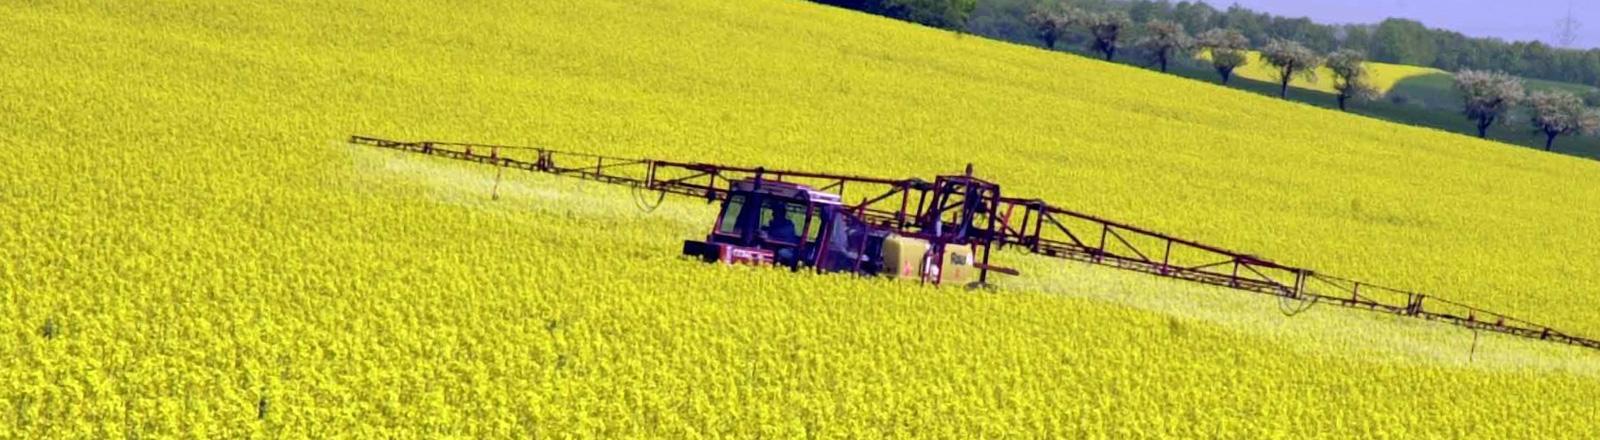 Ein Traktor fährt über ein gelbes Rapsfeld und versprüht mit einer Anhängespritze eine Substanz auf das Feld; Foto: dpa